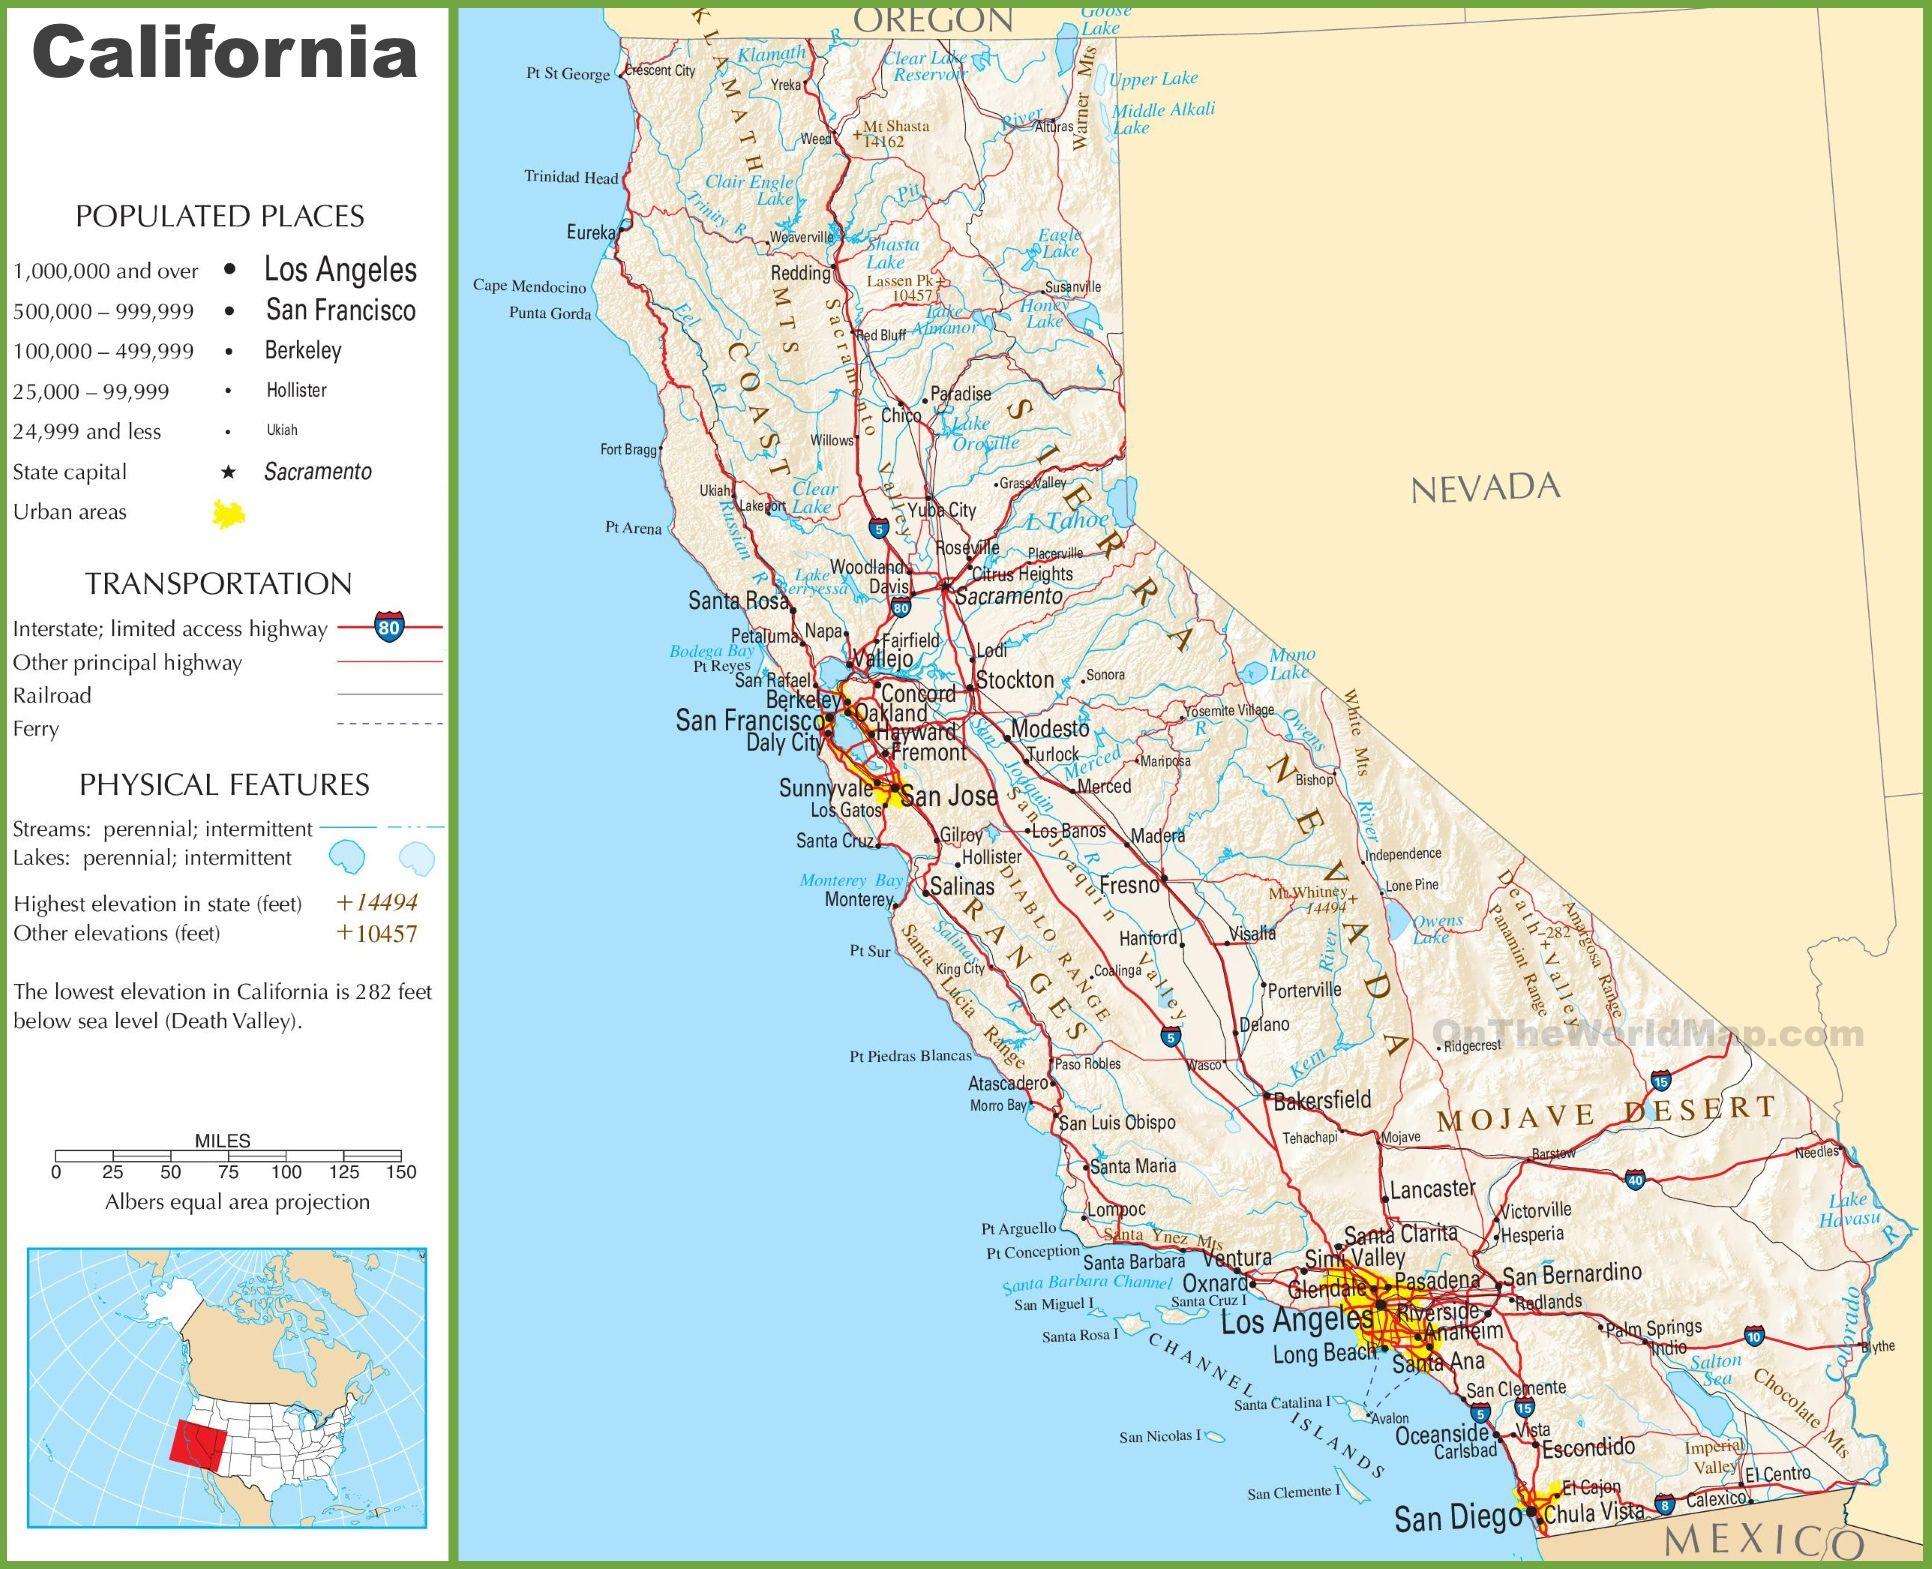 California Itinerary Hermosa Beach Venice Beach Santa Monica Pier - Hermosa Beach California Map